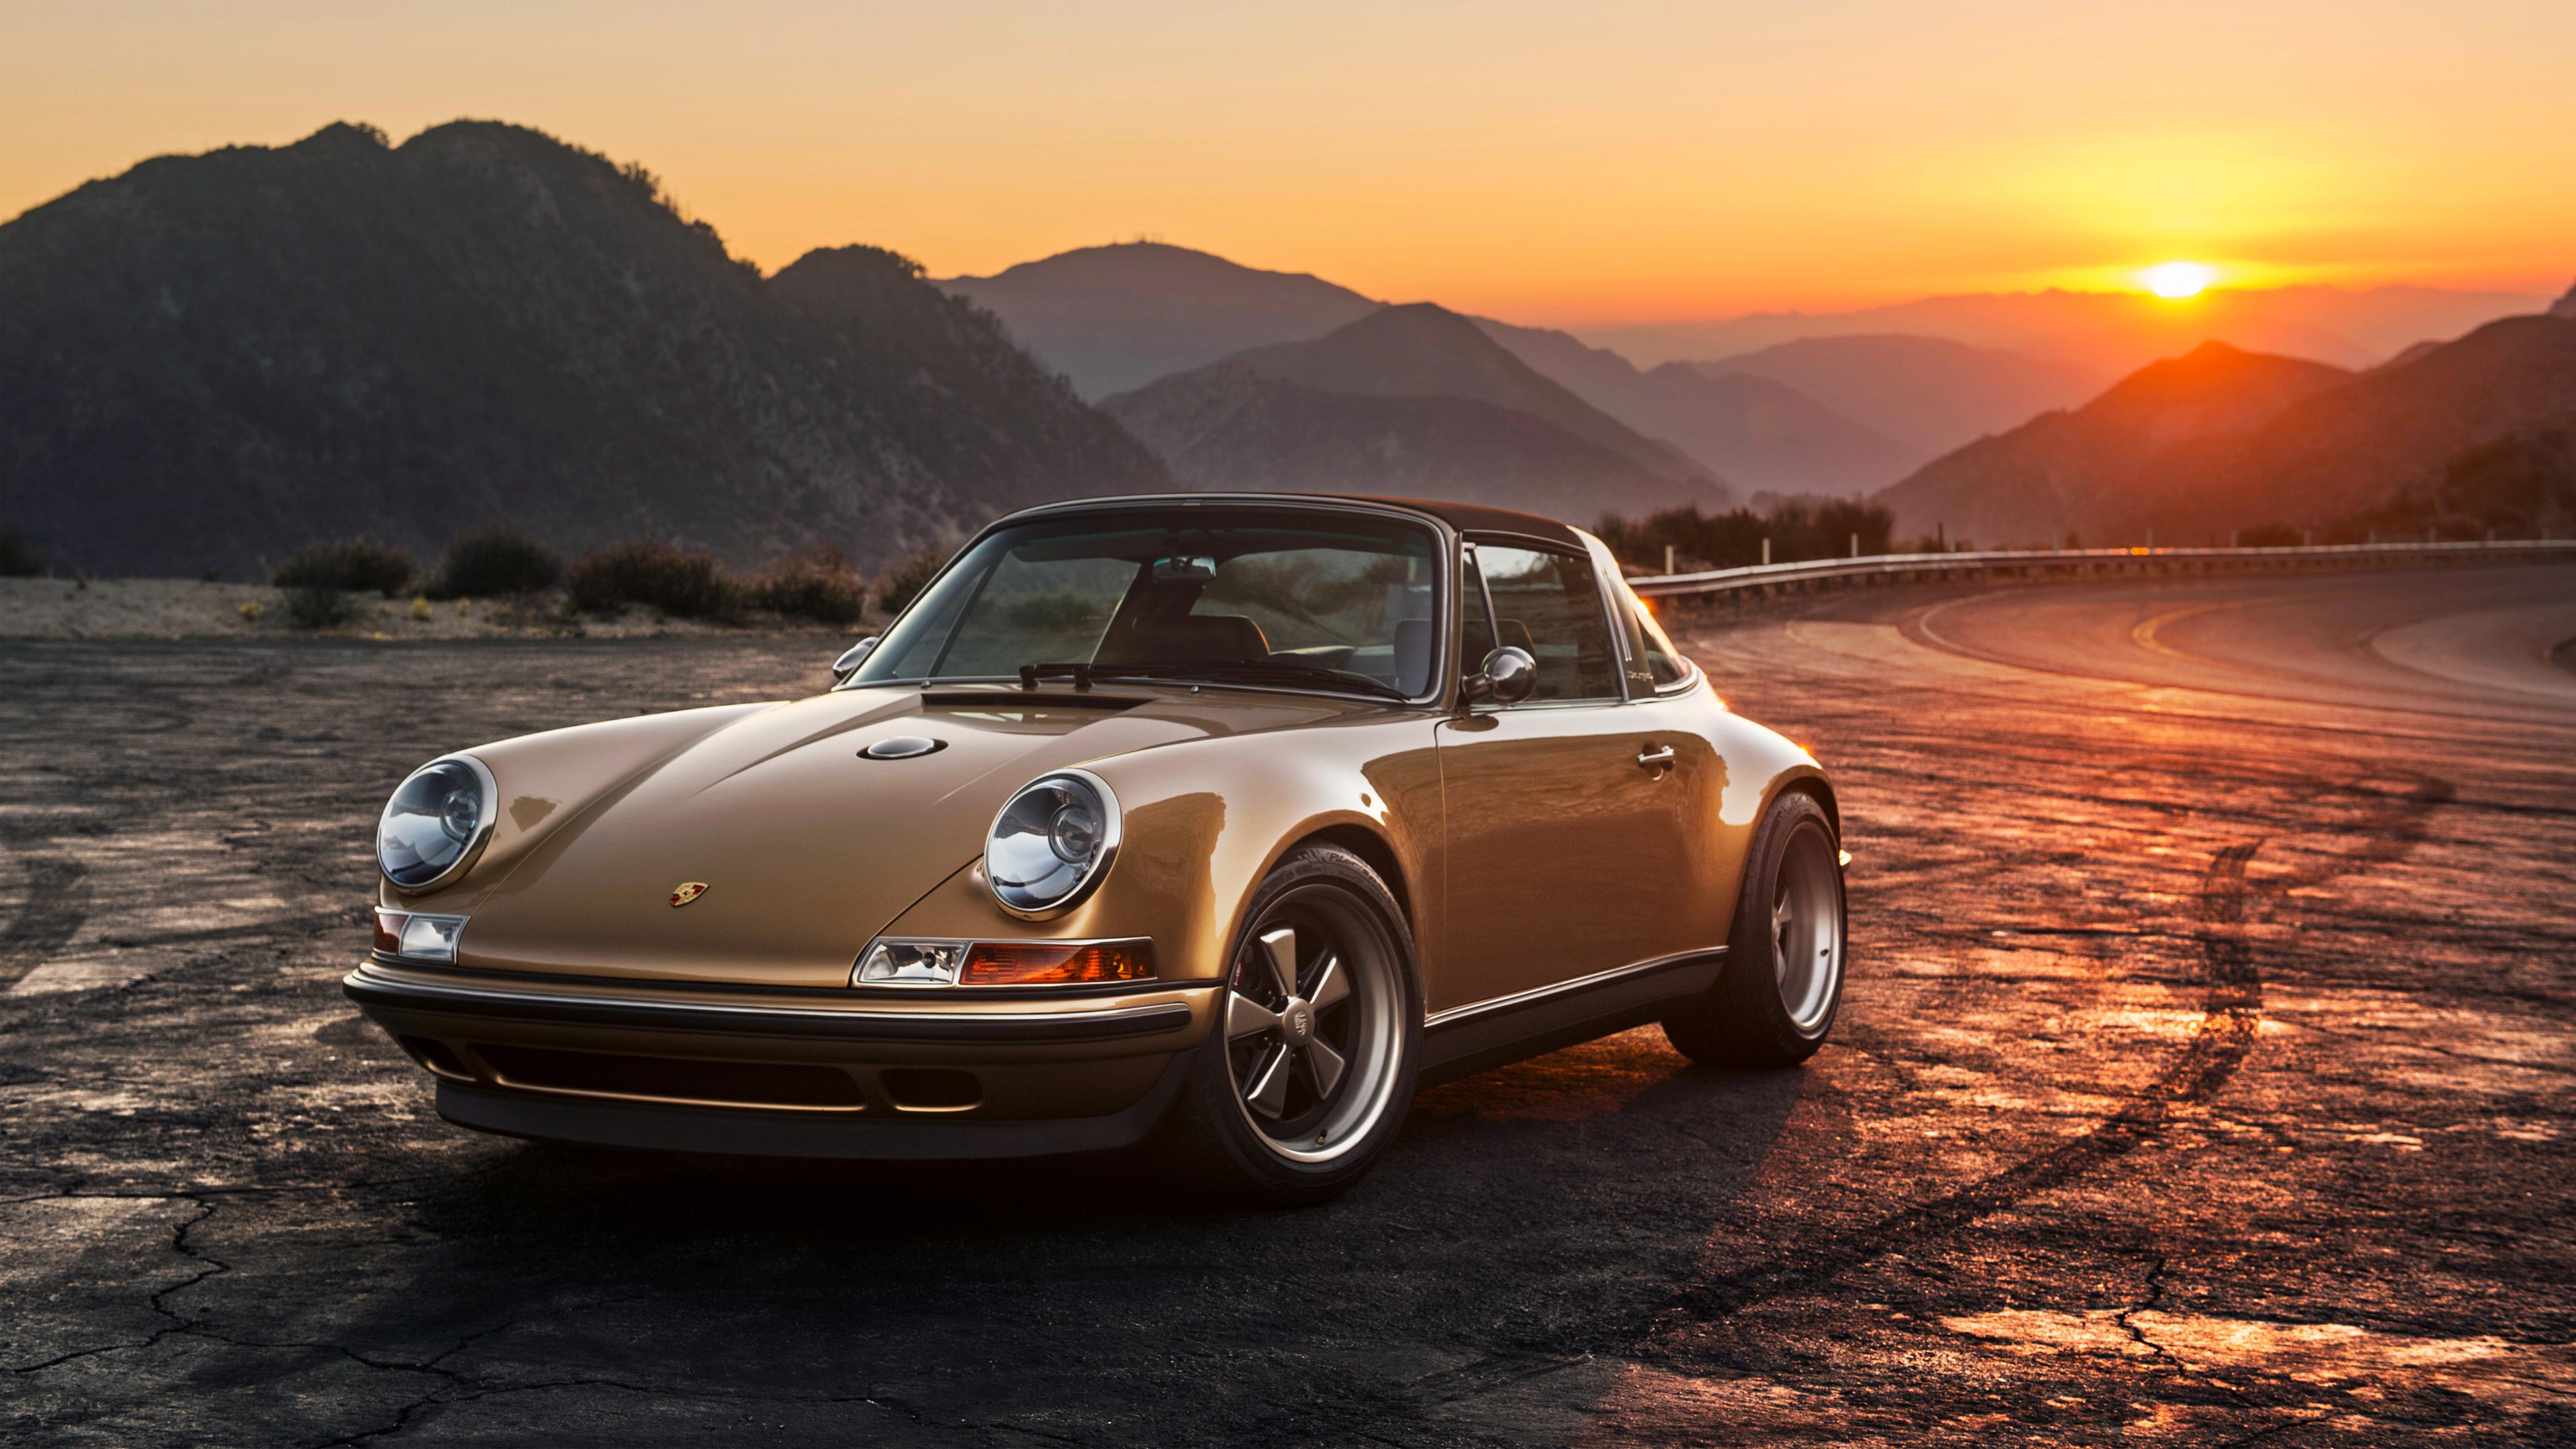 Porsche 911 Wallpaper 20   3840 X 2160 stmednet 3840x2160